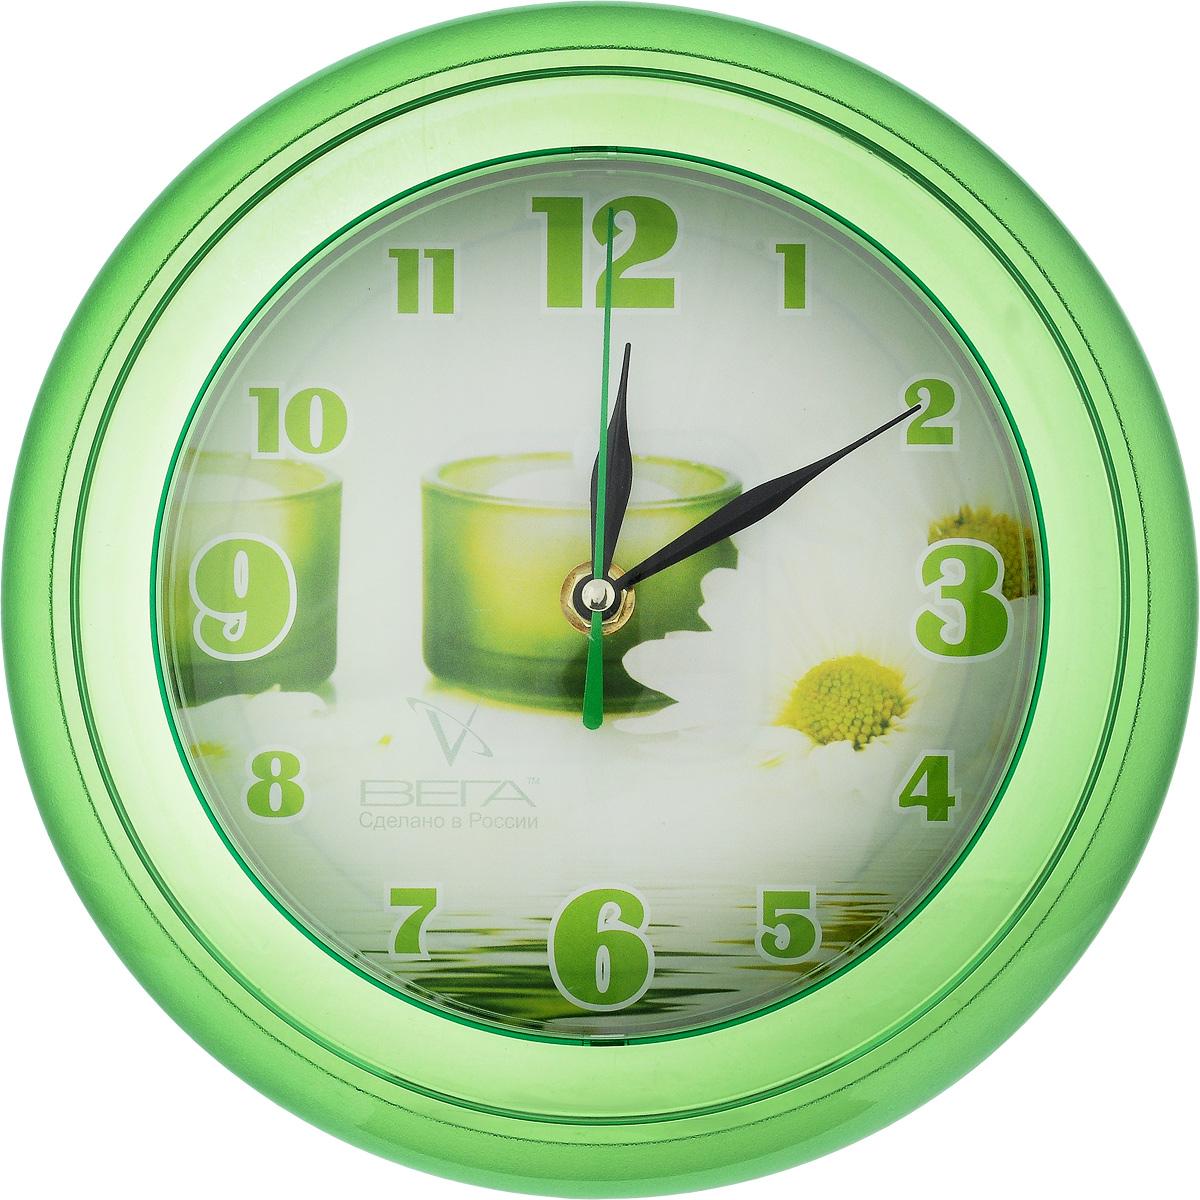 Часы настенные Вега Свеча зеленая, диаметр 22 смП6-3-10Настенные кварцевые часы Вега Свеча зеленая, изготовленные из пластика, прекрасно впишутся в интерьер вашего дома. Круглые часы имеют три стрелки: часовую, минутную и секундную, циферблат защищен прозрачным стеклом. Часы работают от 1 батарейки типа АА напряжением 1,5 В (не входит в комплект). Диаметр часов: 22 см.